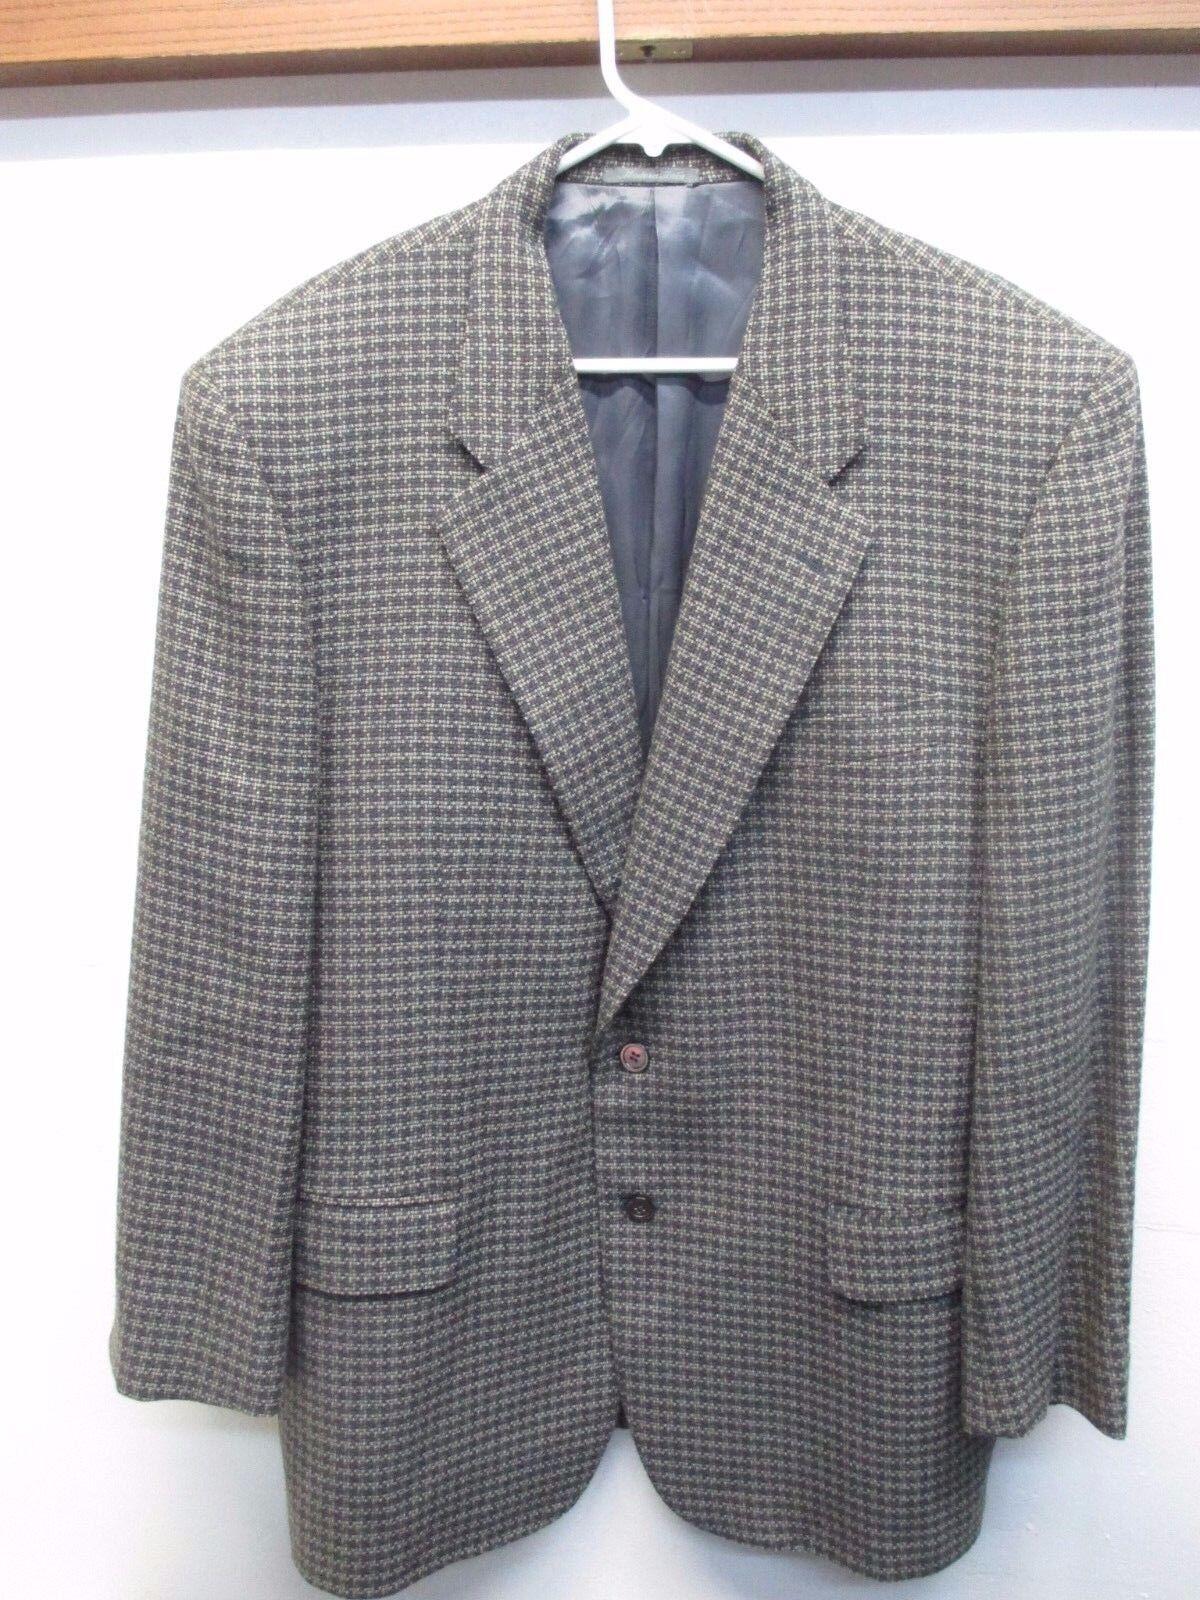 Zanella Men's Patterned Extra Fine Merino Wool Sport Coat Blazer Made in